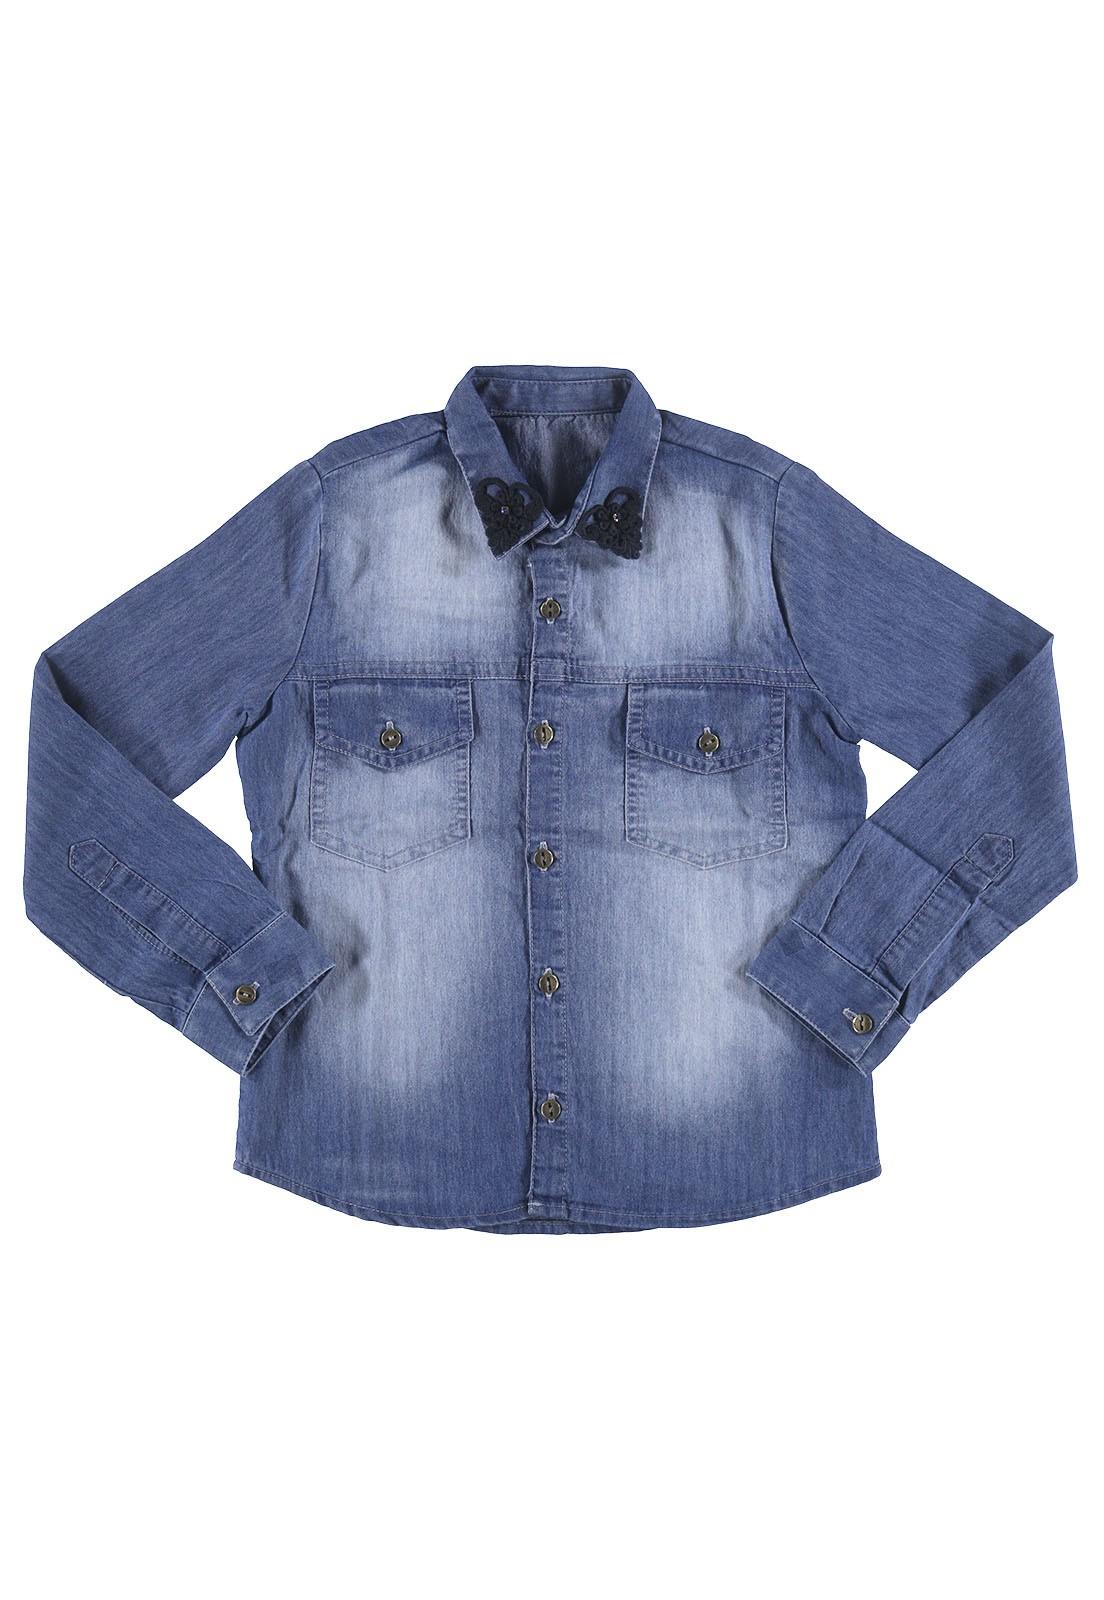 Camisa Jeans Crawling Menina com Aplicação na Gola - Tam. 04 ao 08